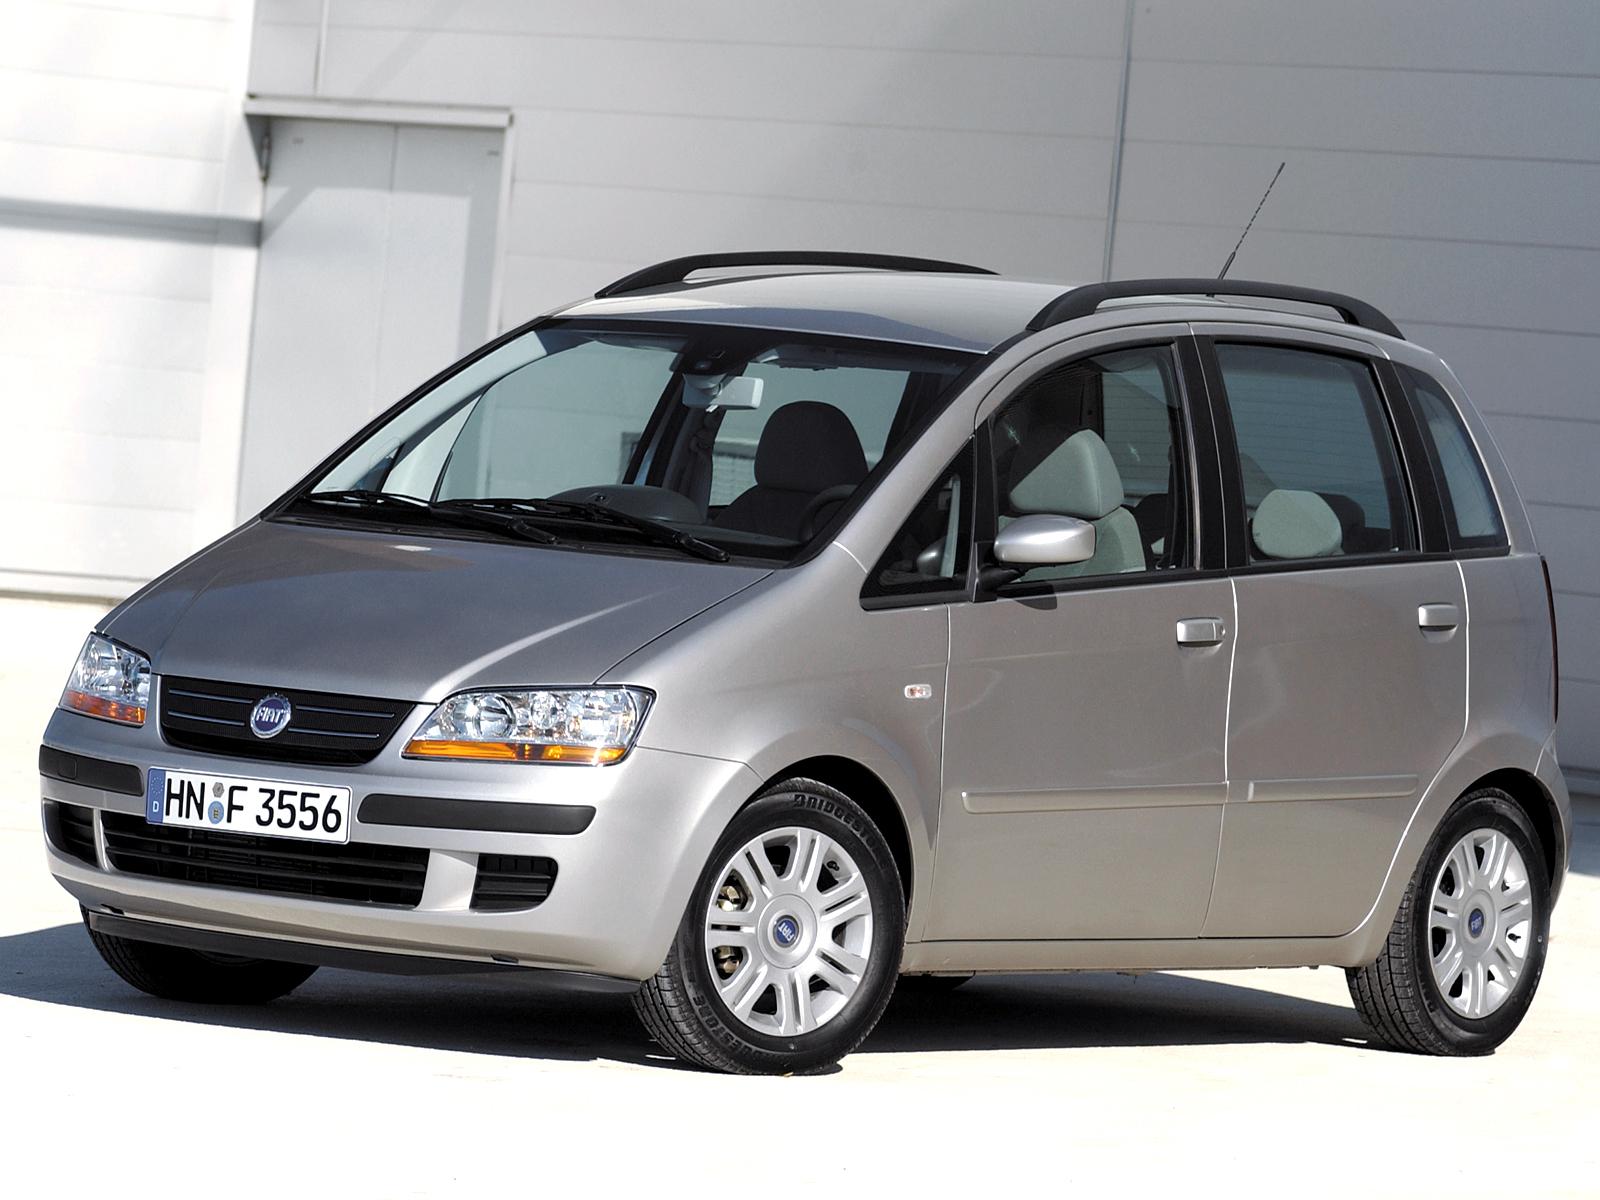 Fiat Idea - Dossier Compacte Ruimtewagens 5000 euro - Autovisie.nl